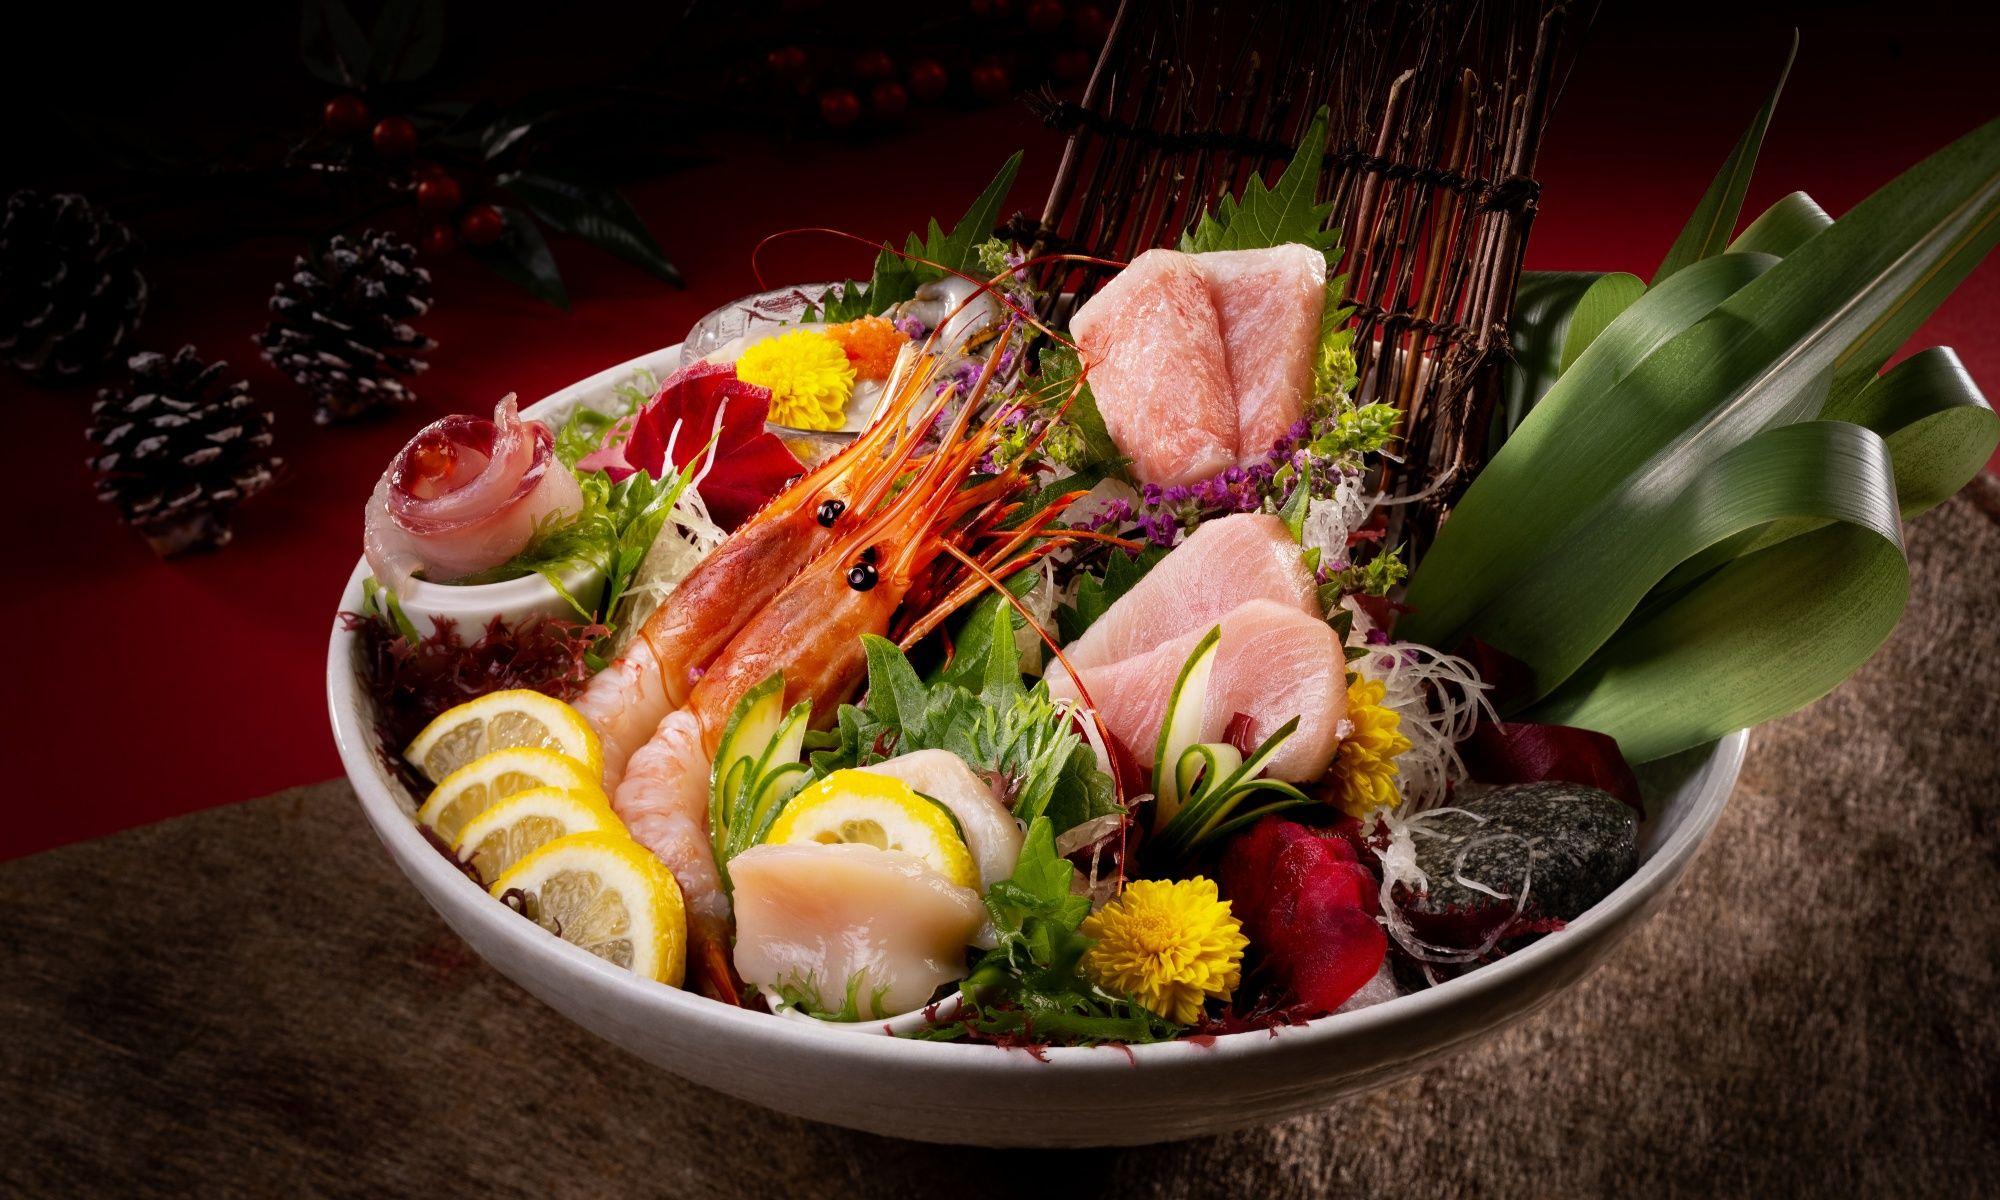 Kyoto Joe Highlights Izakaya Classics During The Holiday Season